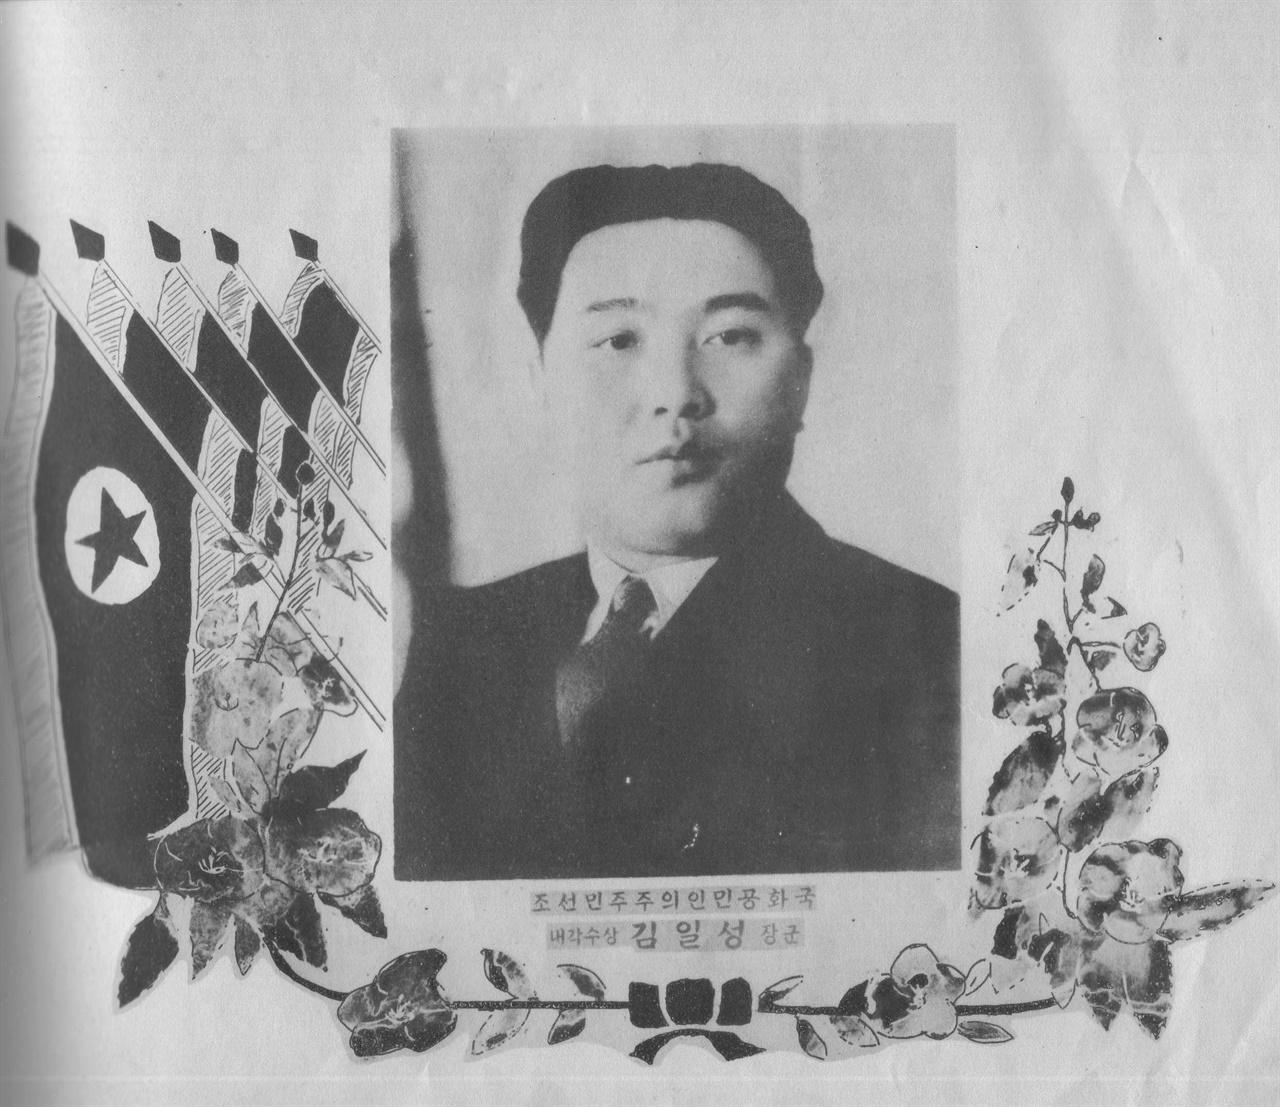 조선민주주의인민공회국 내각 수상 김일성